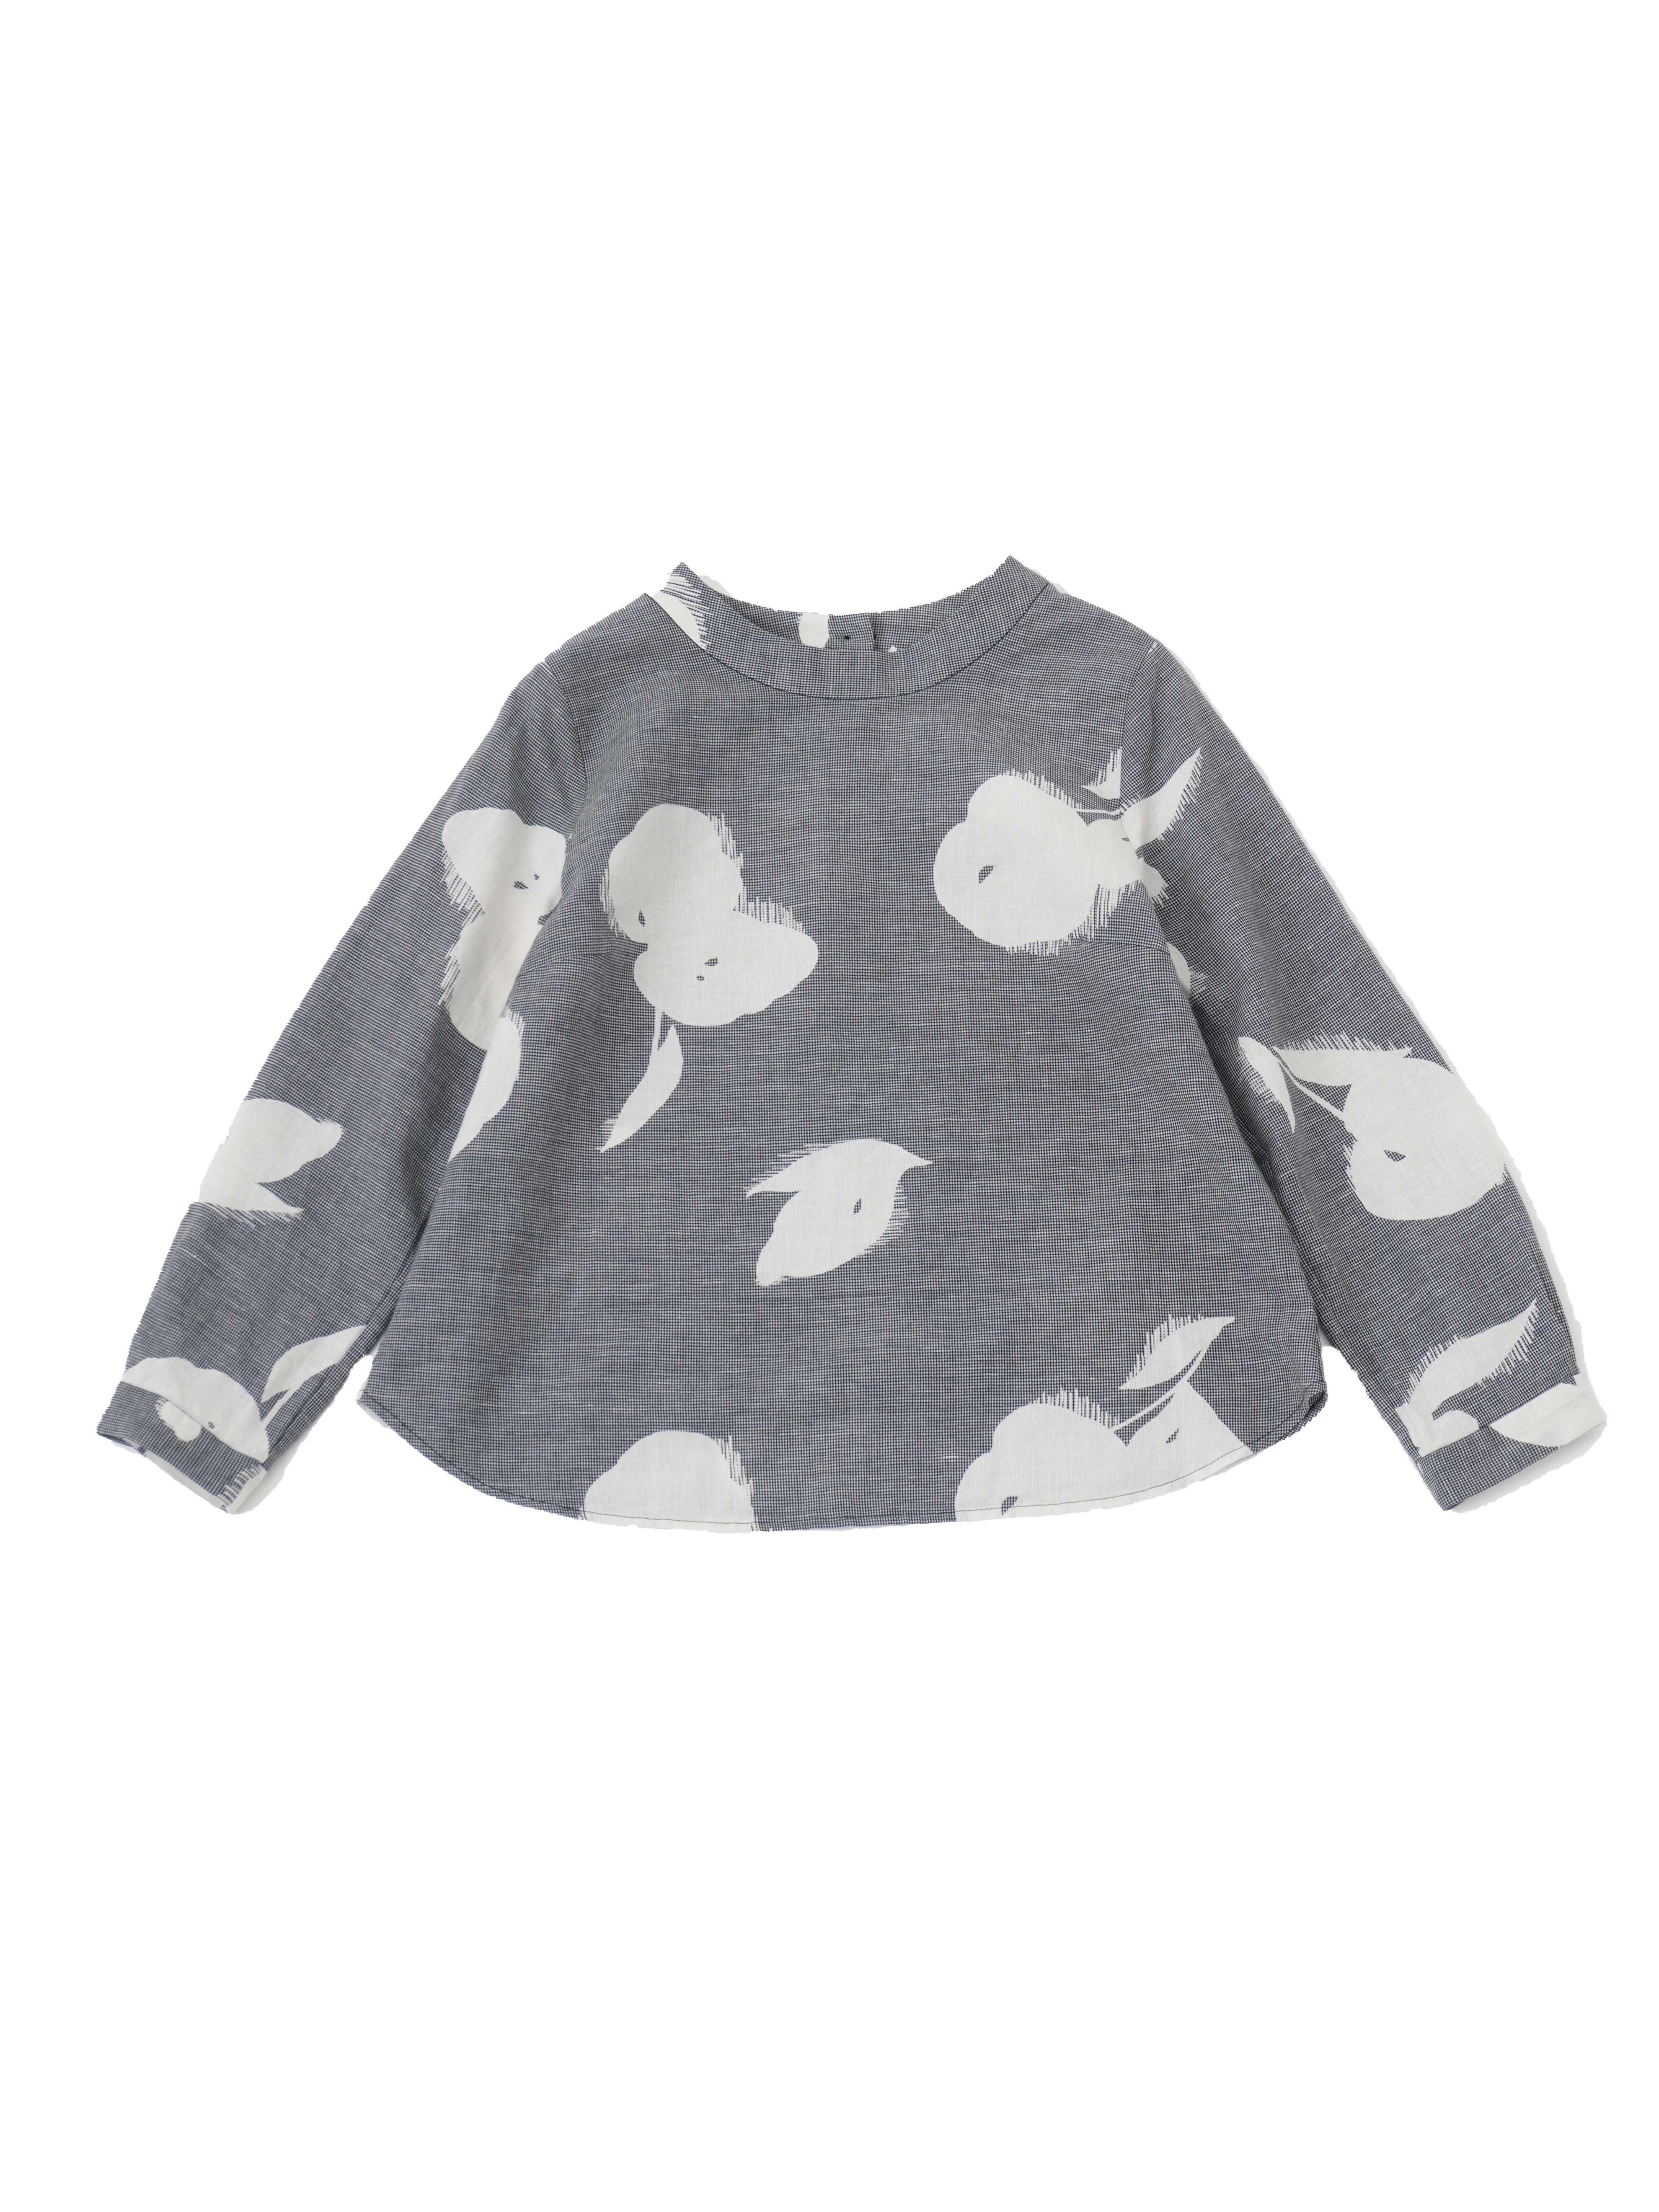 コットンリネン千鳥沙羅の木スタンド襟プルオーバーシャツ